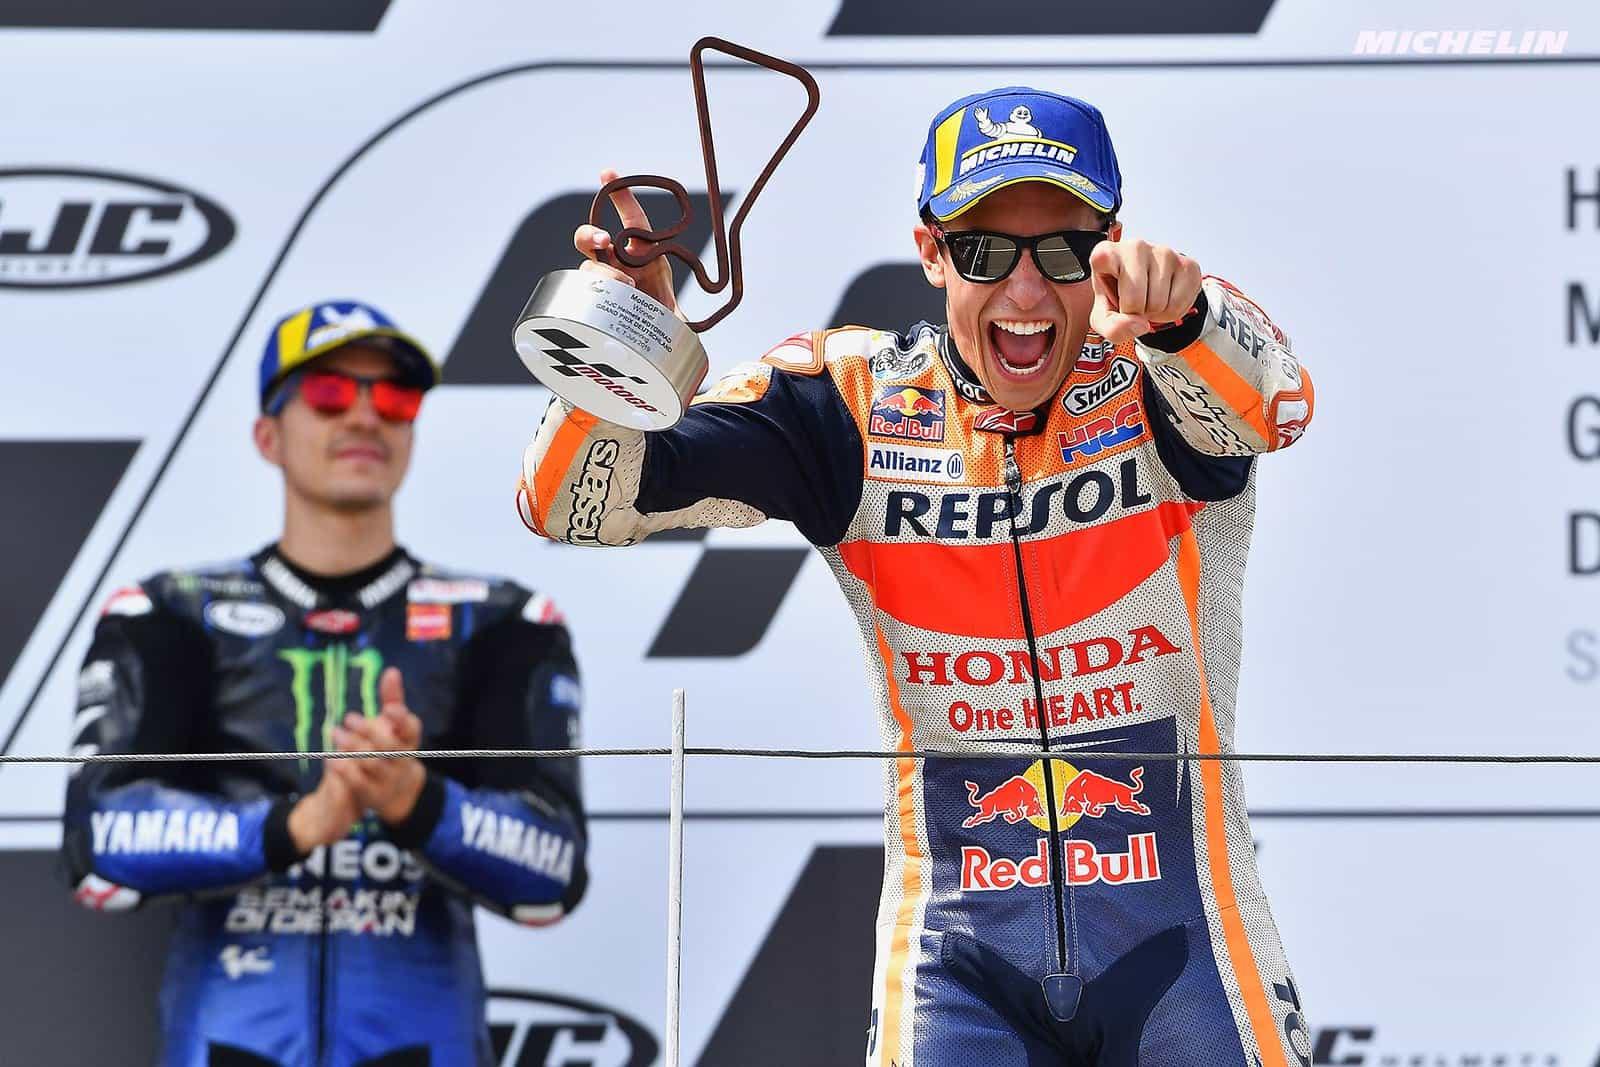 MotoGP2019ドイツGP 優勝マルケス「今日プッシュしたのは10周くらい」